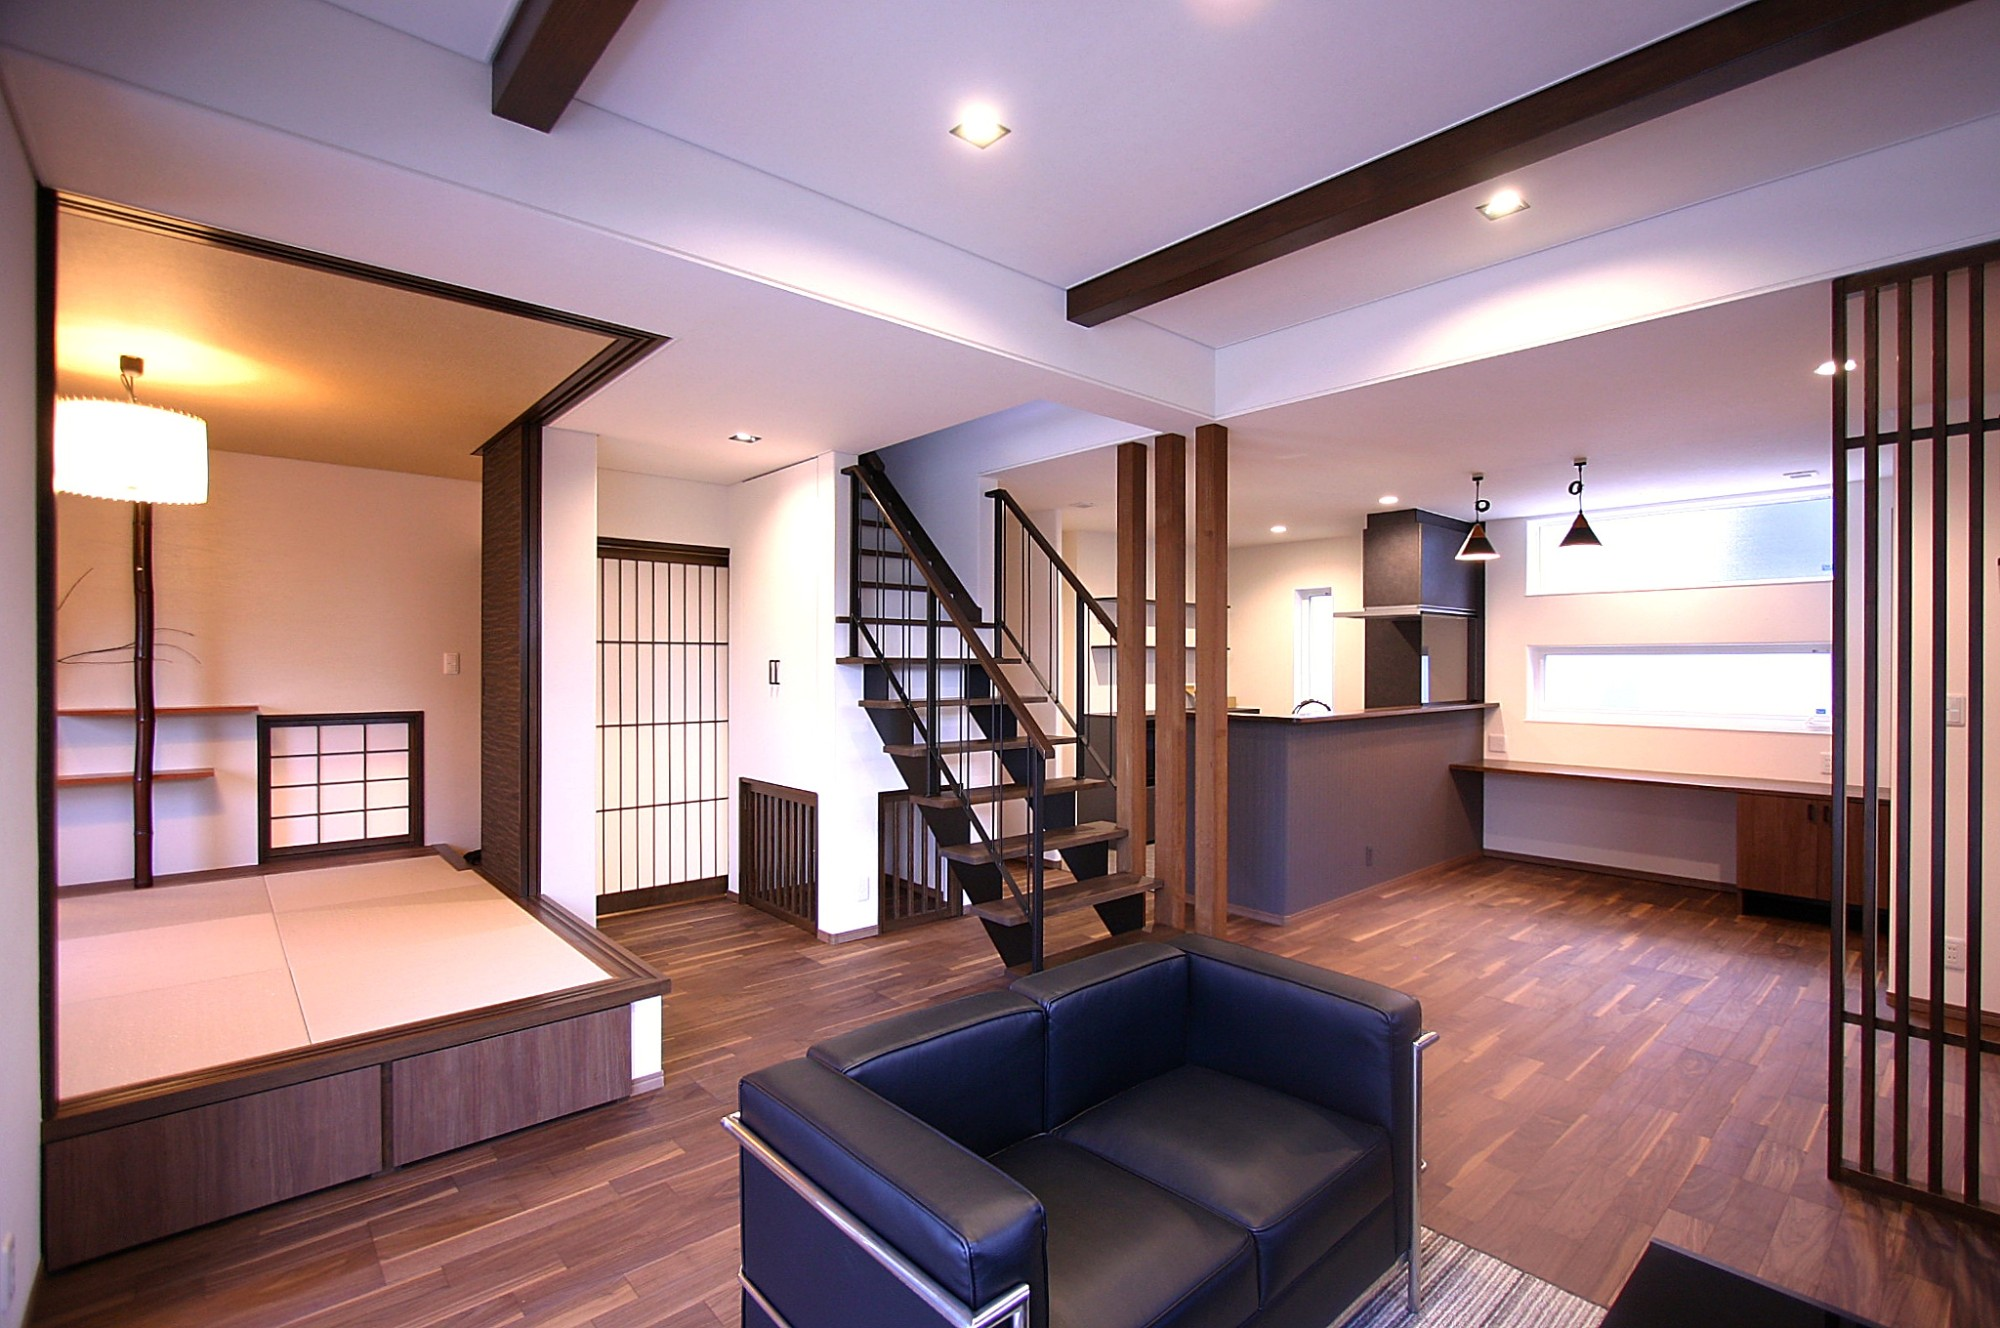 株式会社オンダ建築デザイン事務所の写真